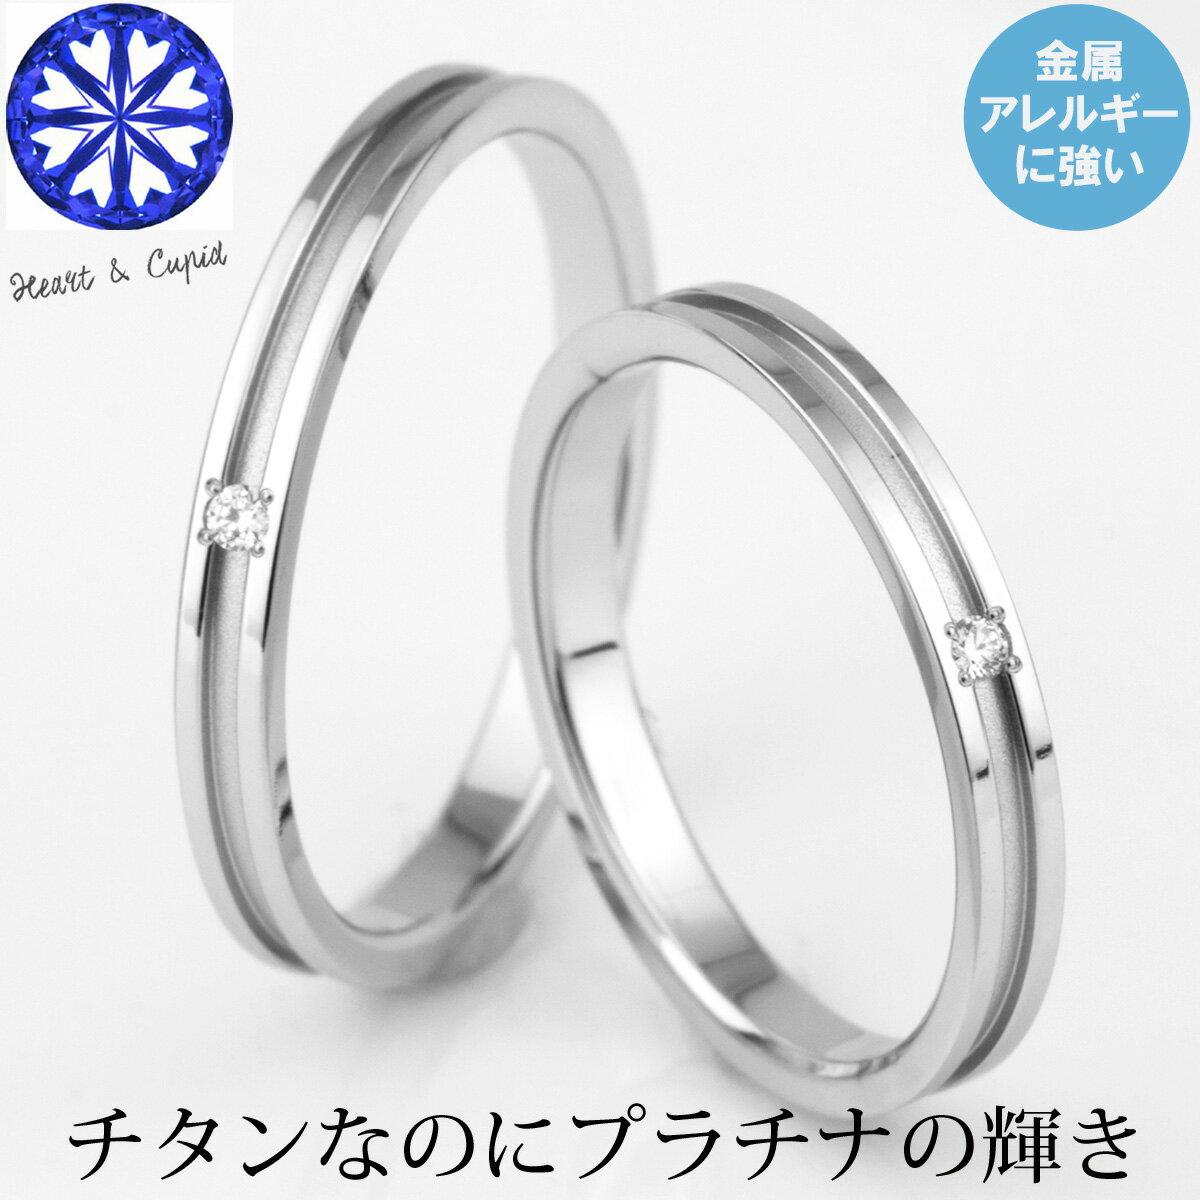 チタン 結婚指輪 純チタン マリッジリング 日本製 鏡面仕上げ ペアリング ダイヤモンド付き ペアセット プラチナイオンプレーティング加工 刻印無料(文字彫り) 金属アレルギーにも強い アレルギーフリー 安心 ブライダルリング 刻印可能